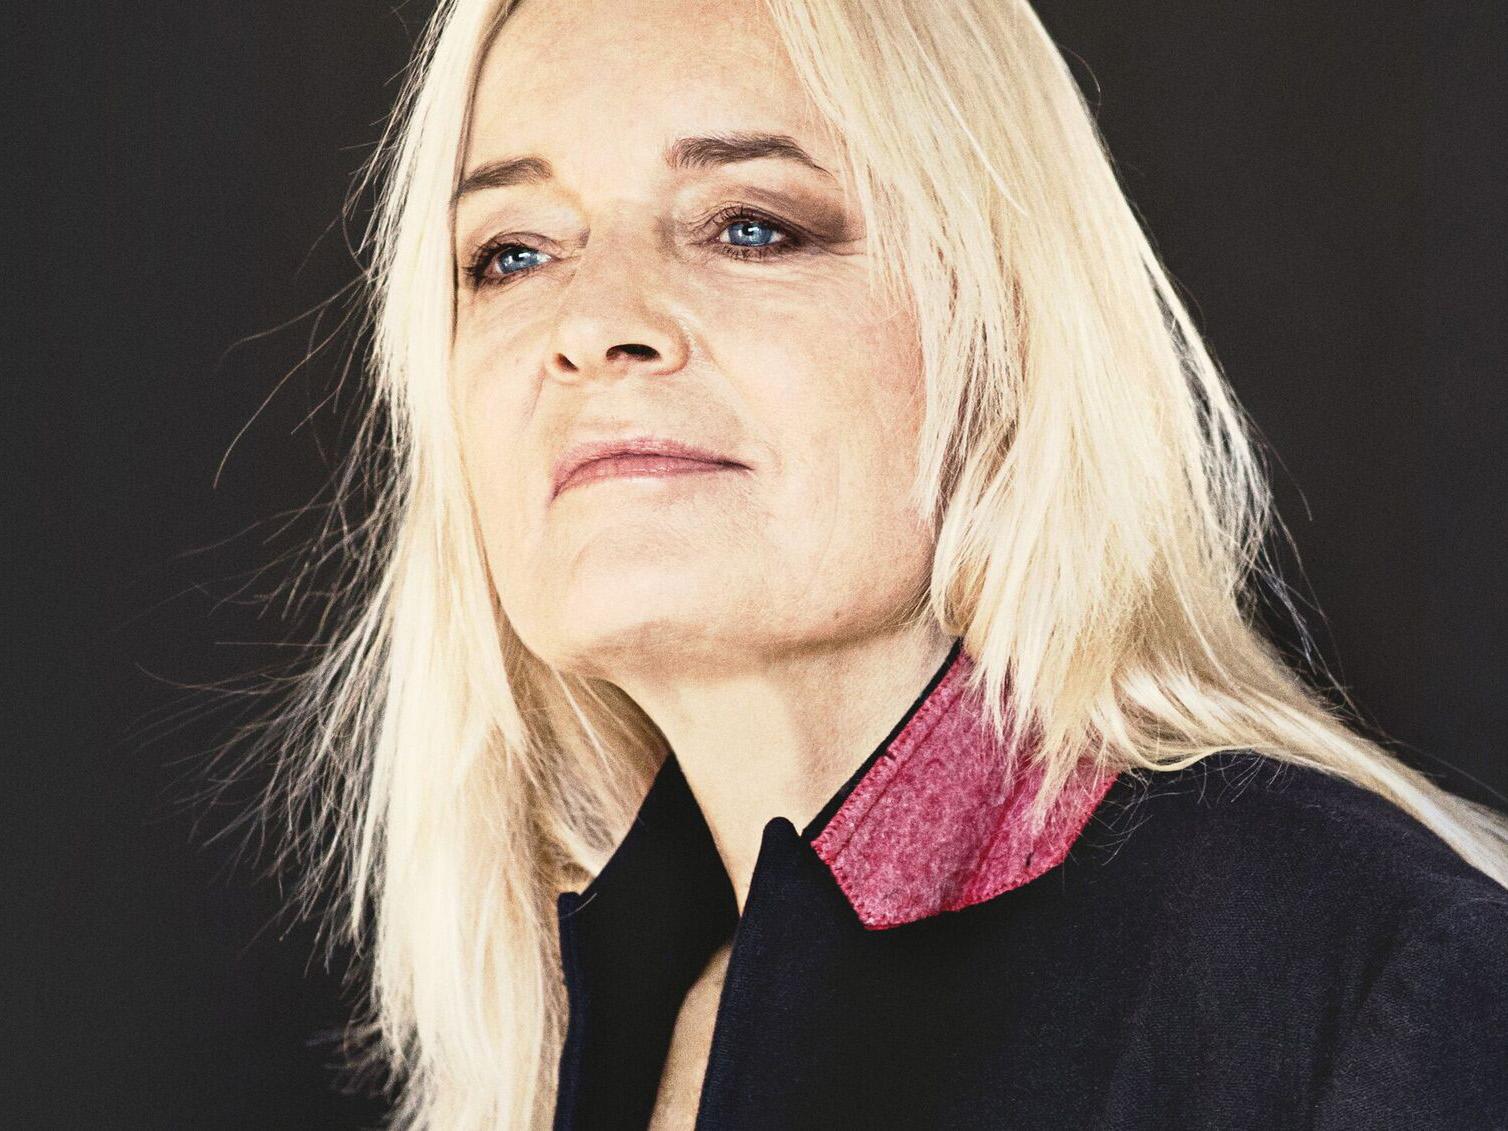 Anne Linnet på Musikforeningen Bygningen i Køge 10. november 2017 kl. 20.00